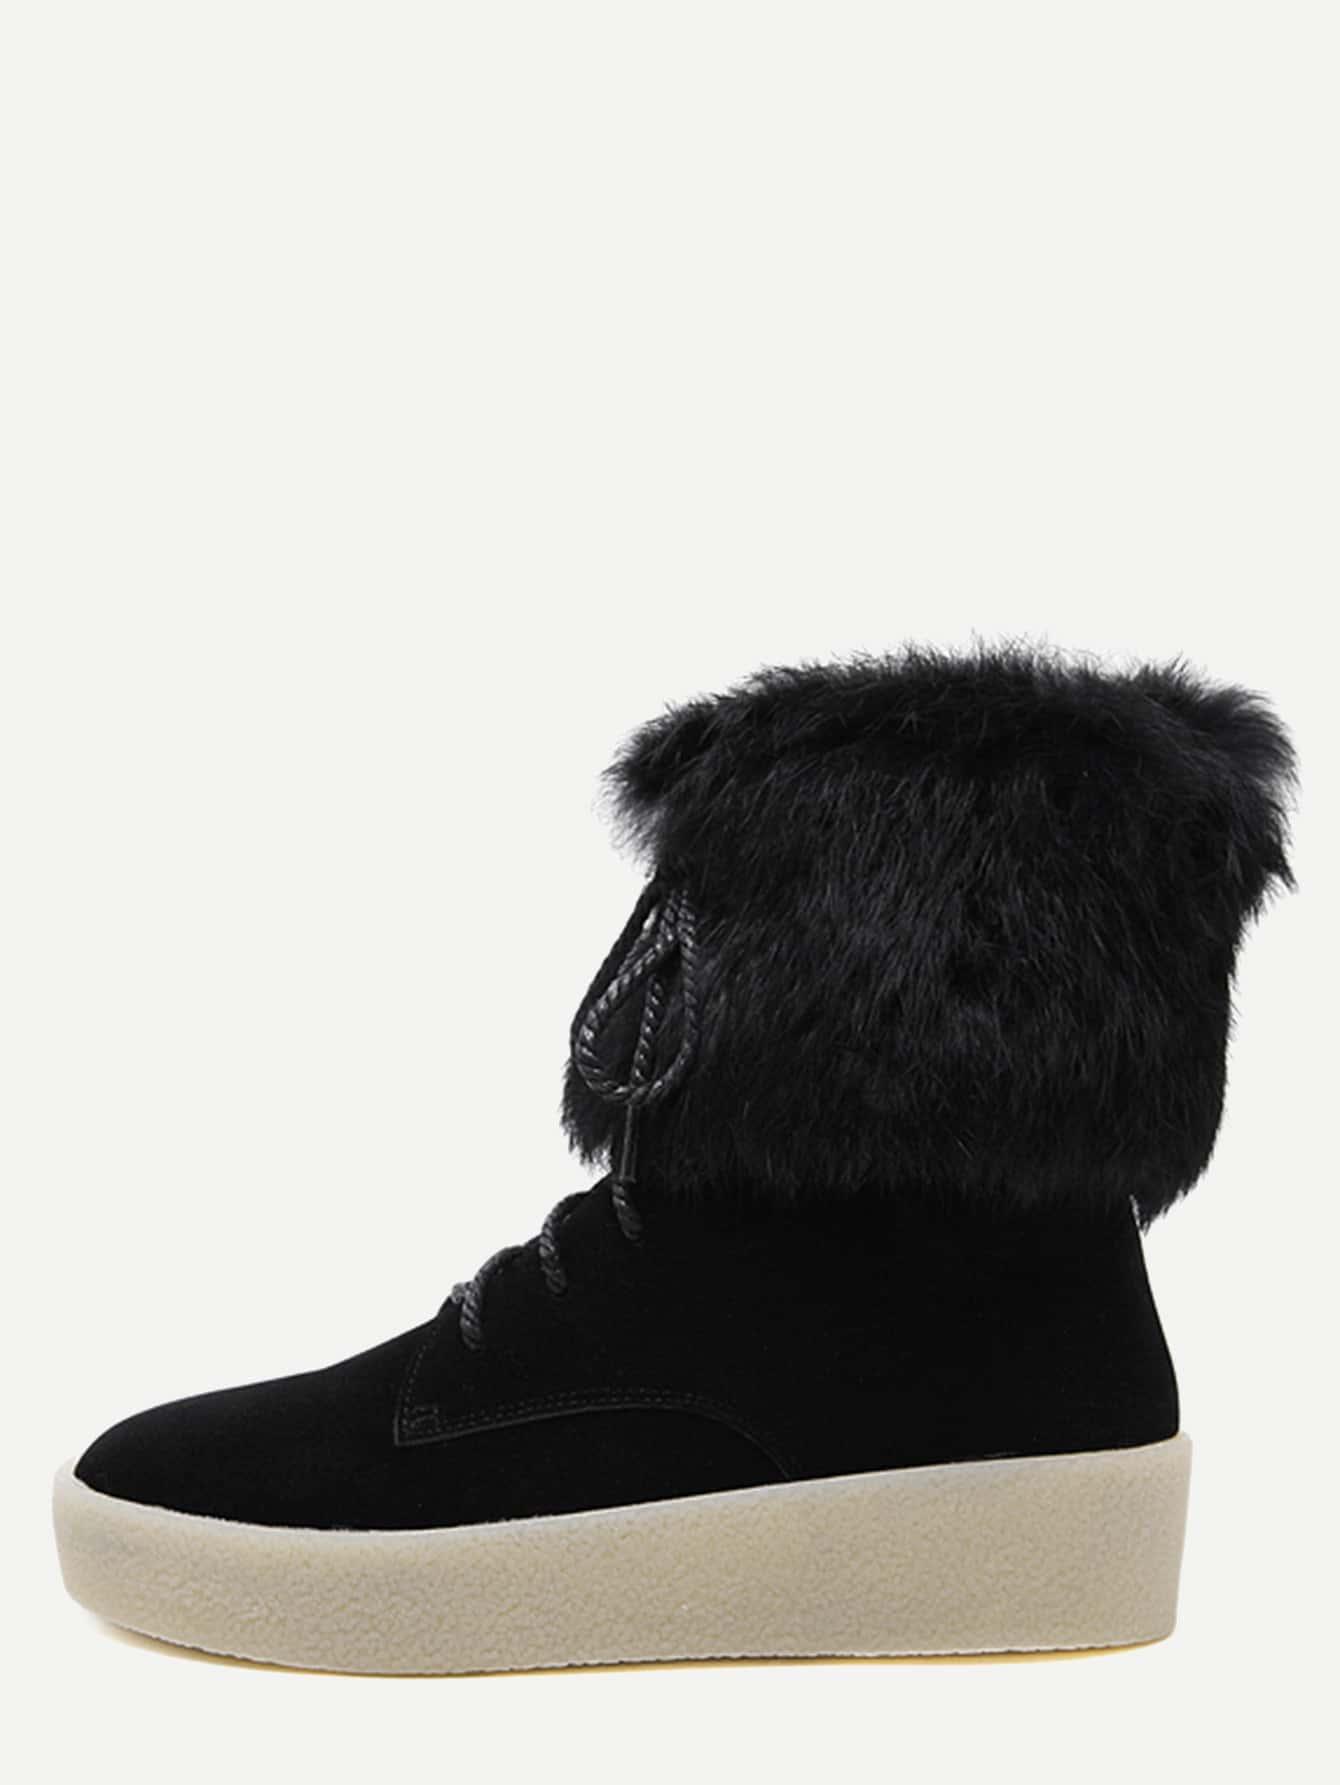 shoes161014806_2